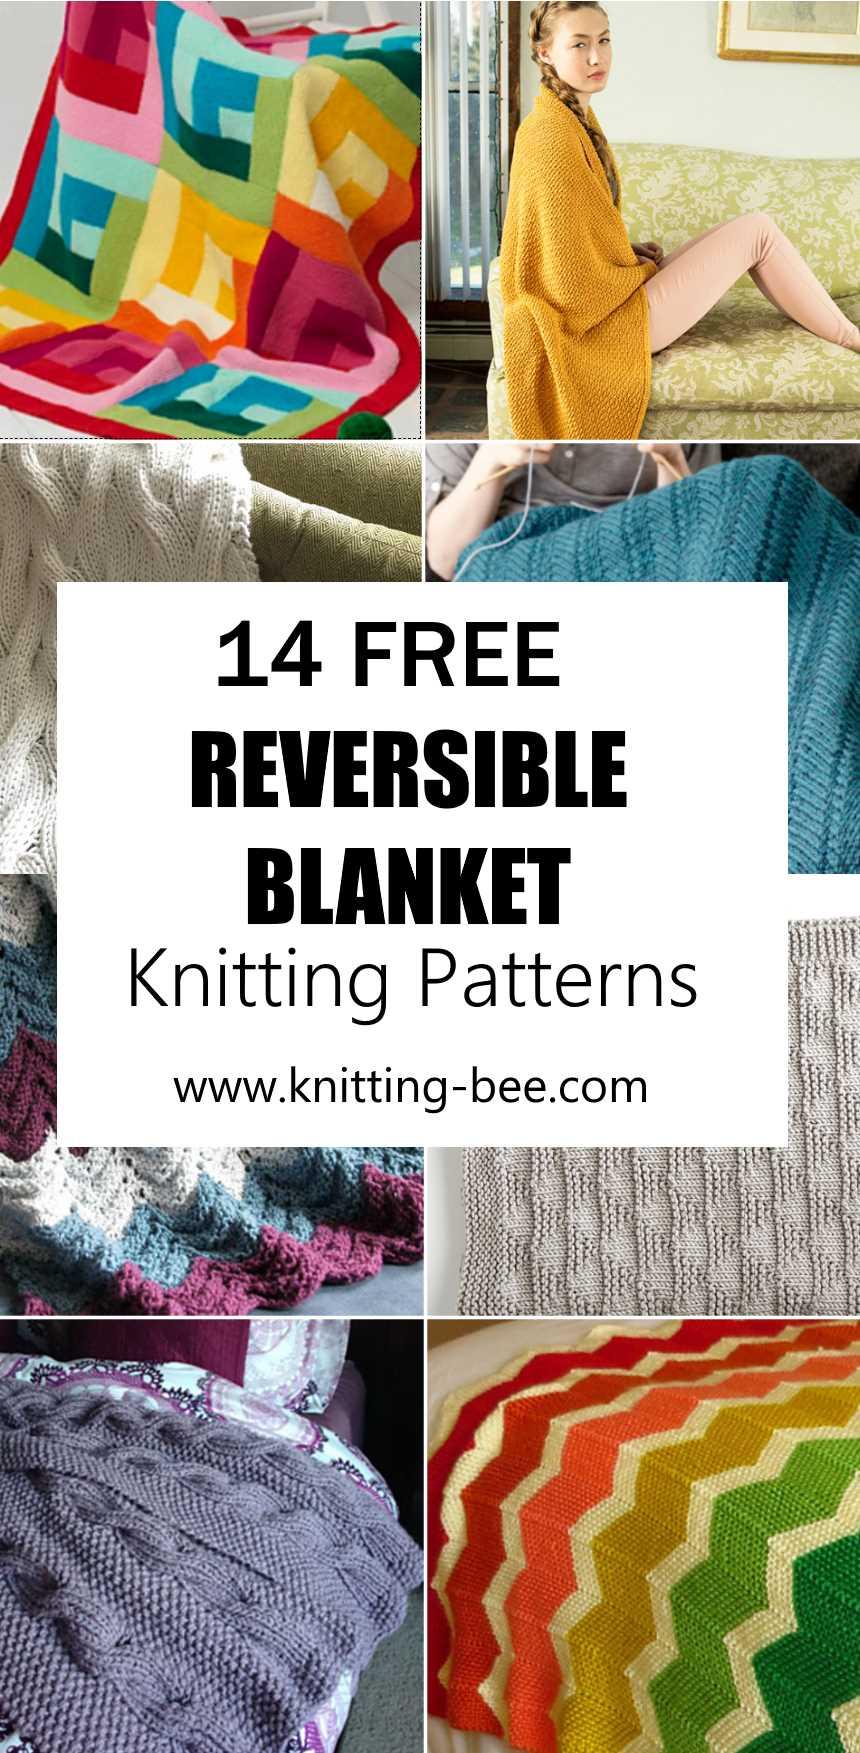 14 Free Reversible Blanket Knitting Patterns